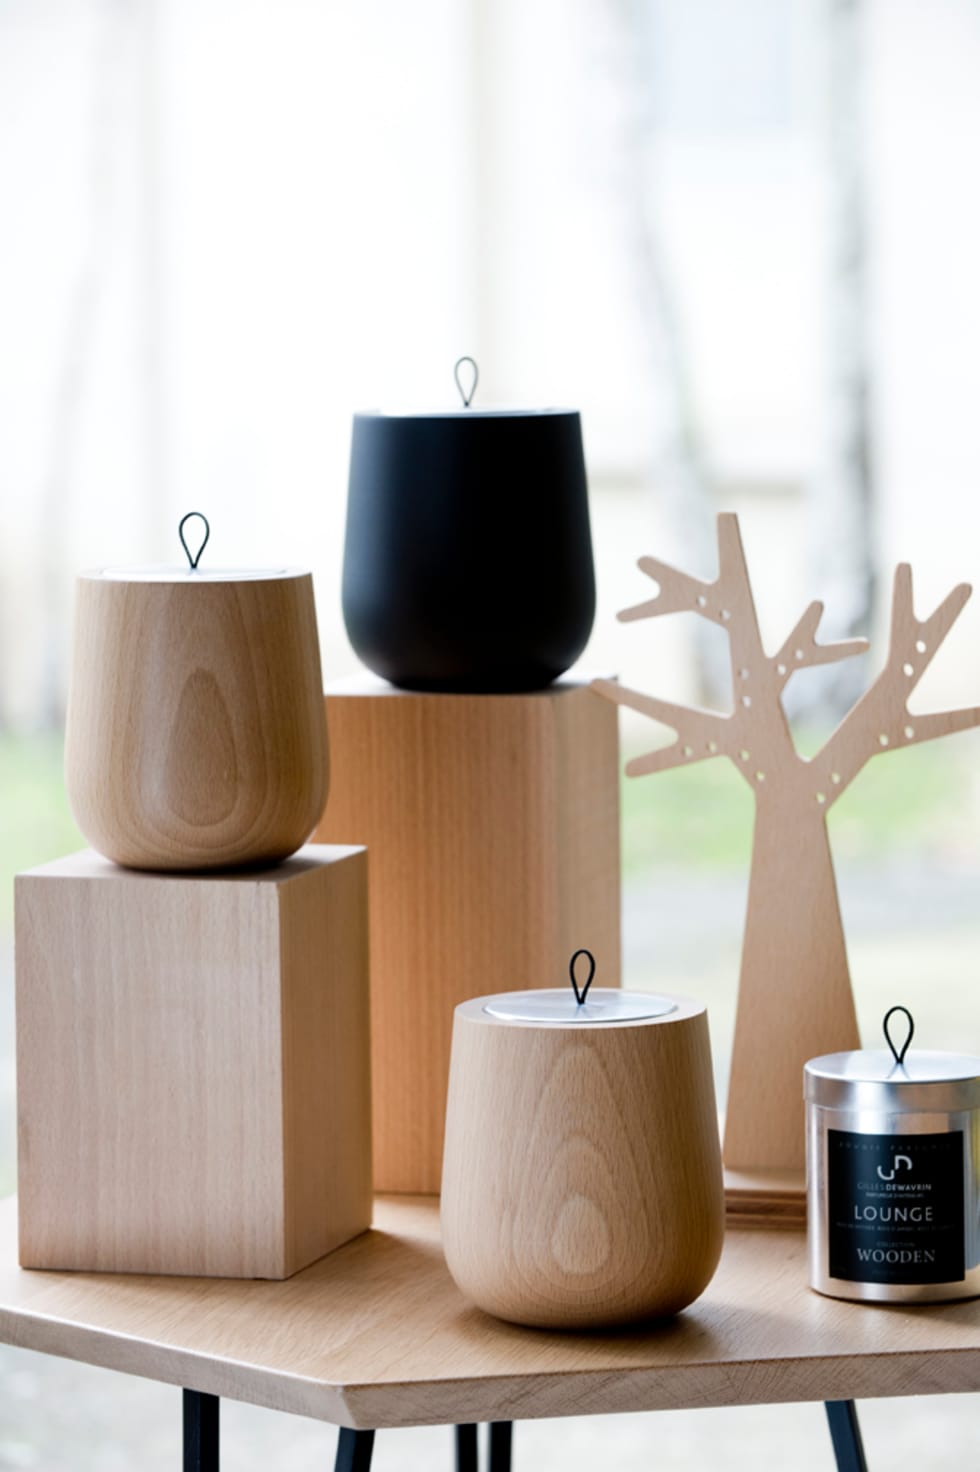 Photos de maison de style wooden la bougie parfum e - La maison de la bougie ...